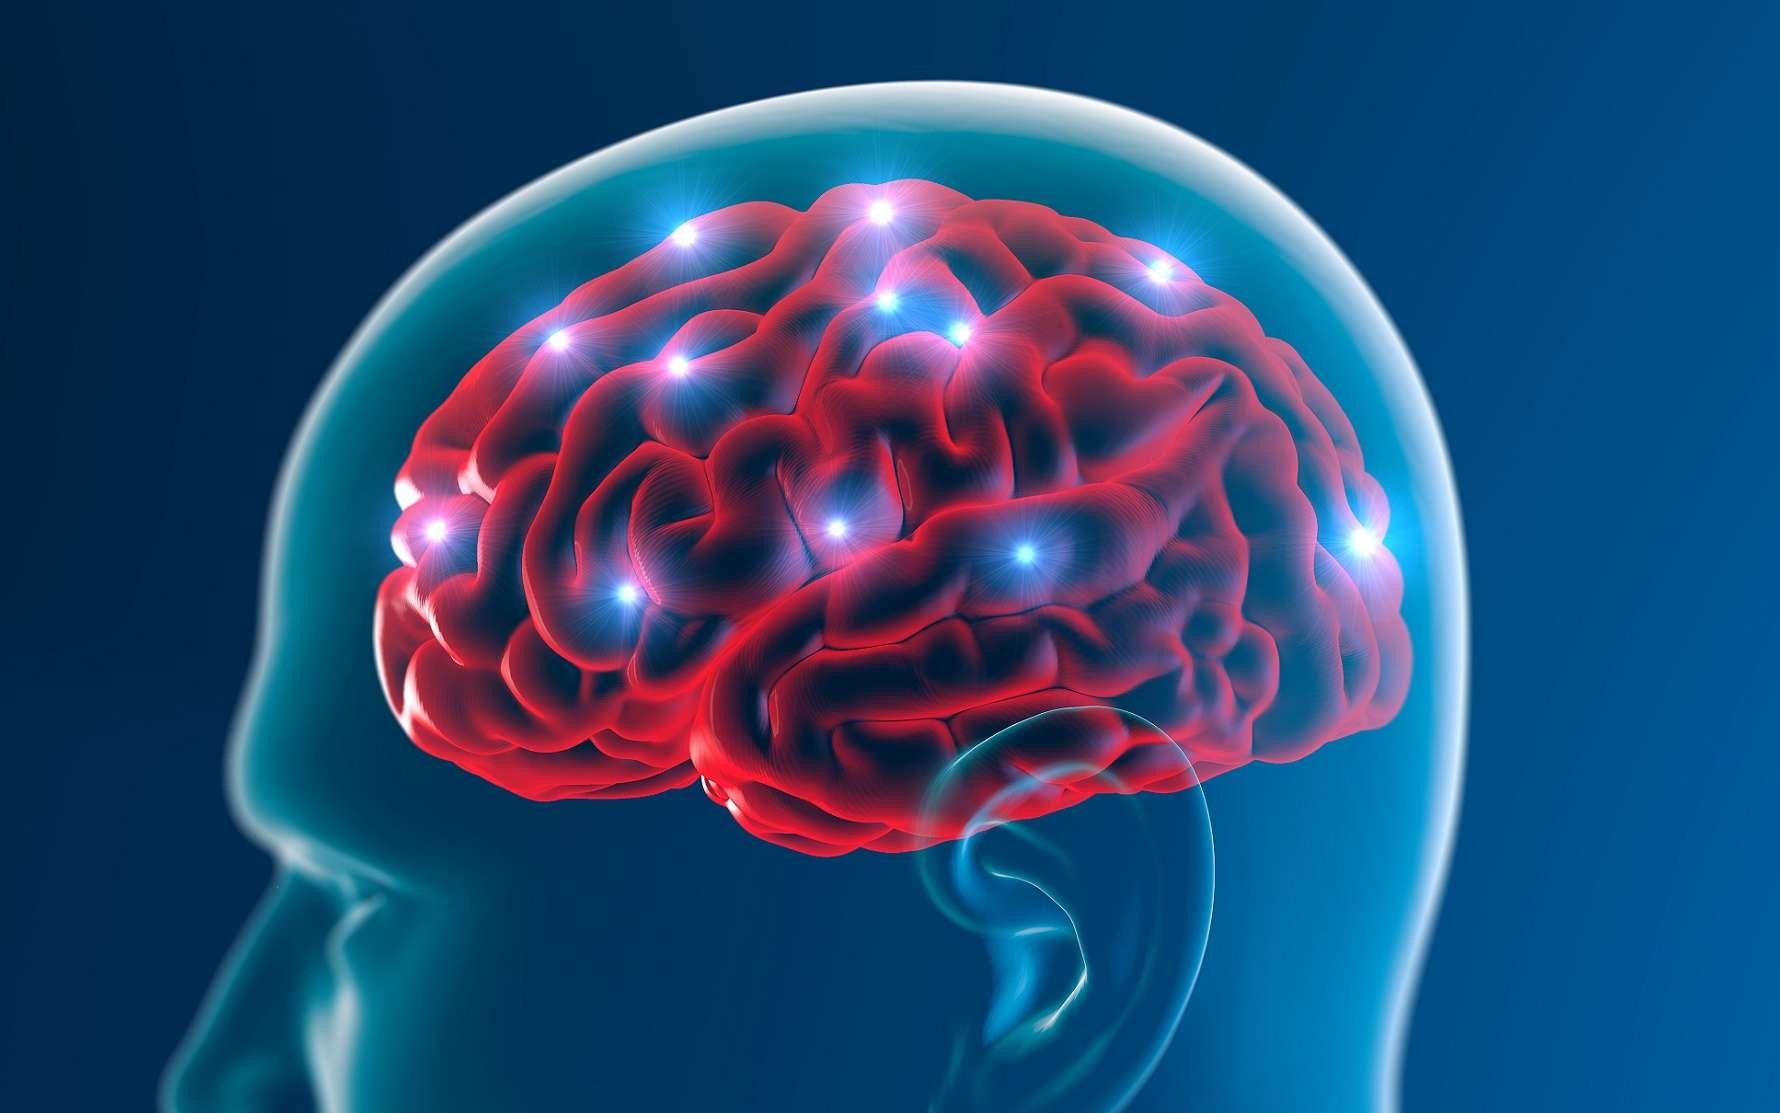 La maladie d'Alzheimer se caractérise à la fois par des plaques amyloïdes et l'accumulation de protéines Tau dans le cerveau. © Naeblys, Shutterstock